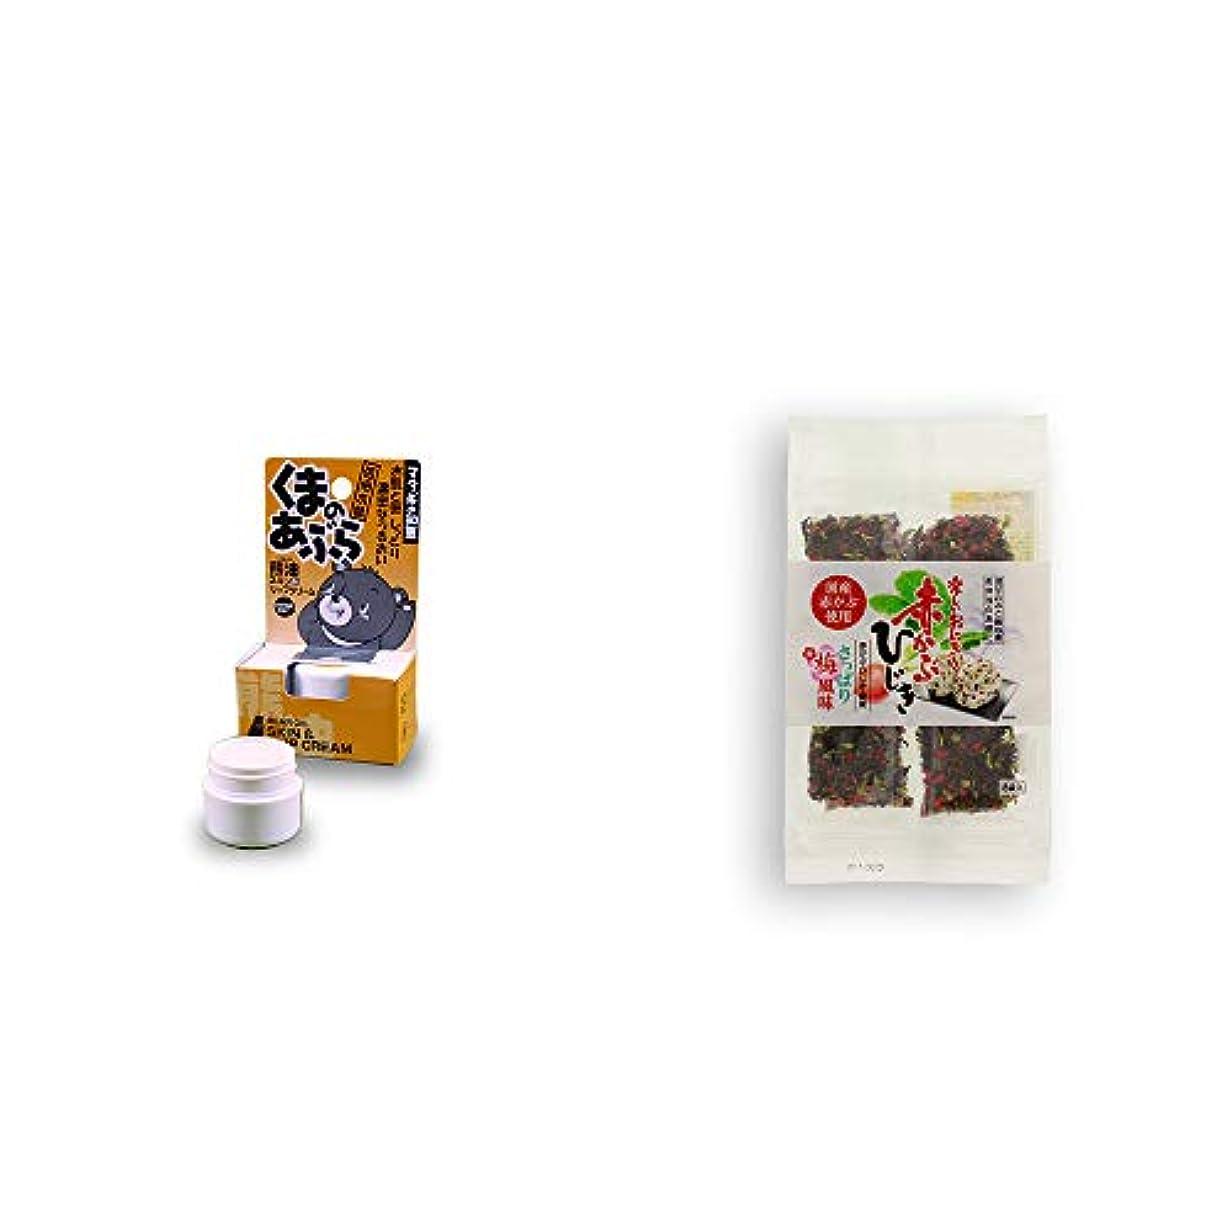 王位スポット流産[2点セット] 信州木曽 くまのあぶら 熊油スキン&リップクリーム(9g)?楽しいおにぎり 赤かぶひじき(8g×8袋)